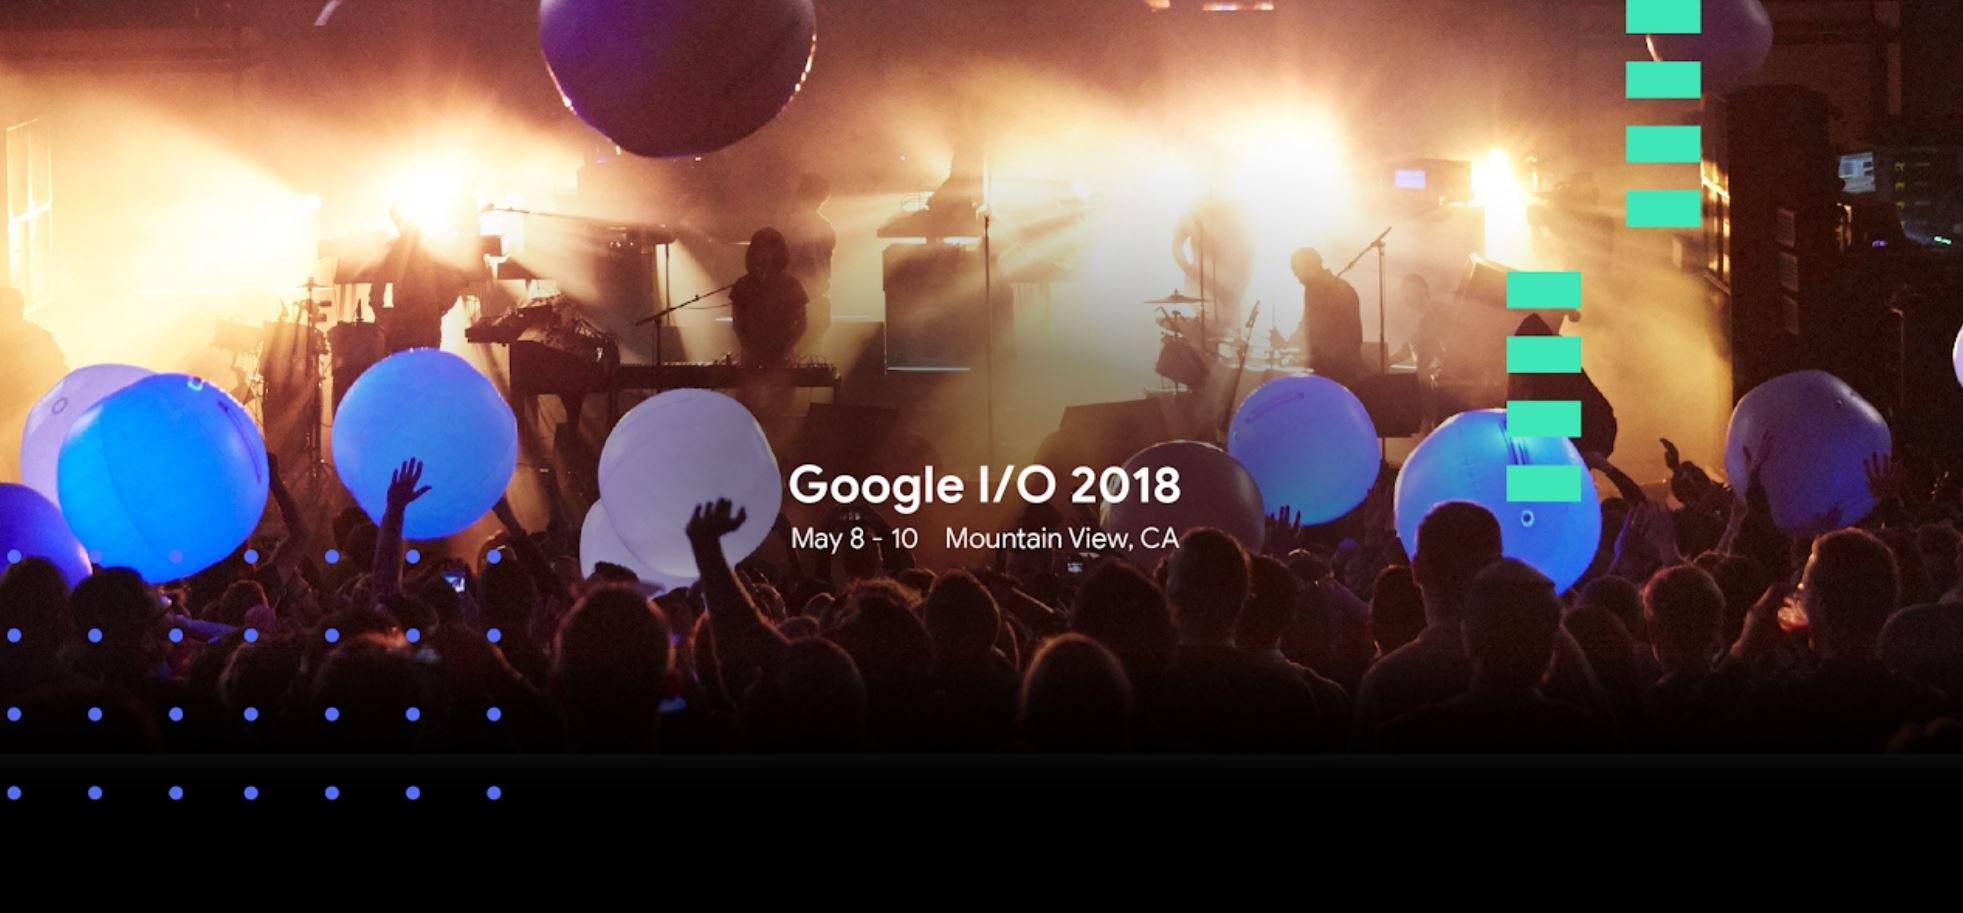 Dos palabras que no se mencionarón en Google I/O 2018: Seguridad y Privacidad